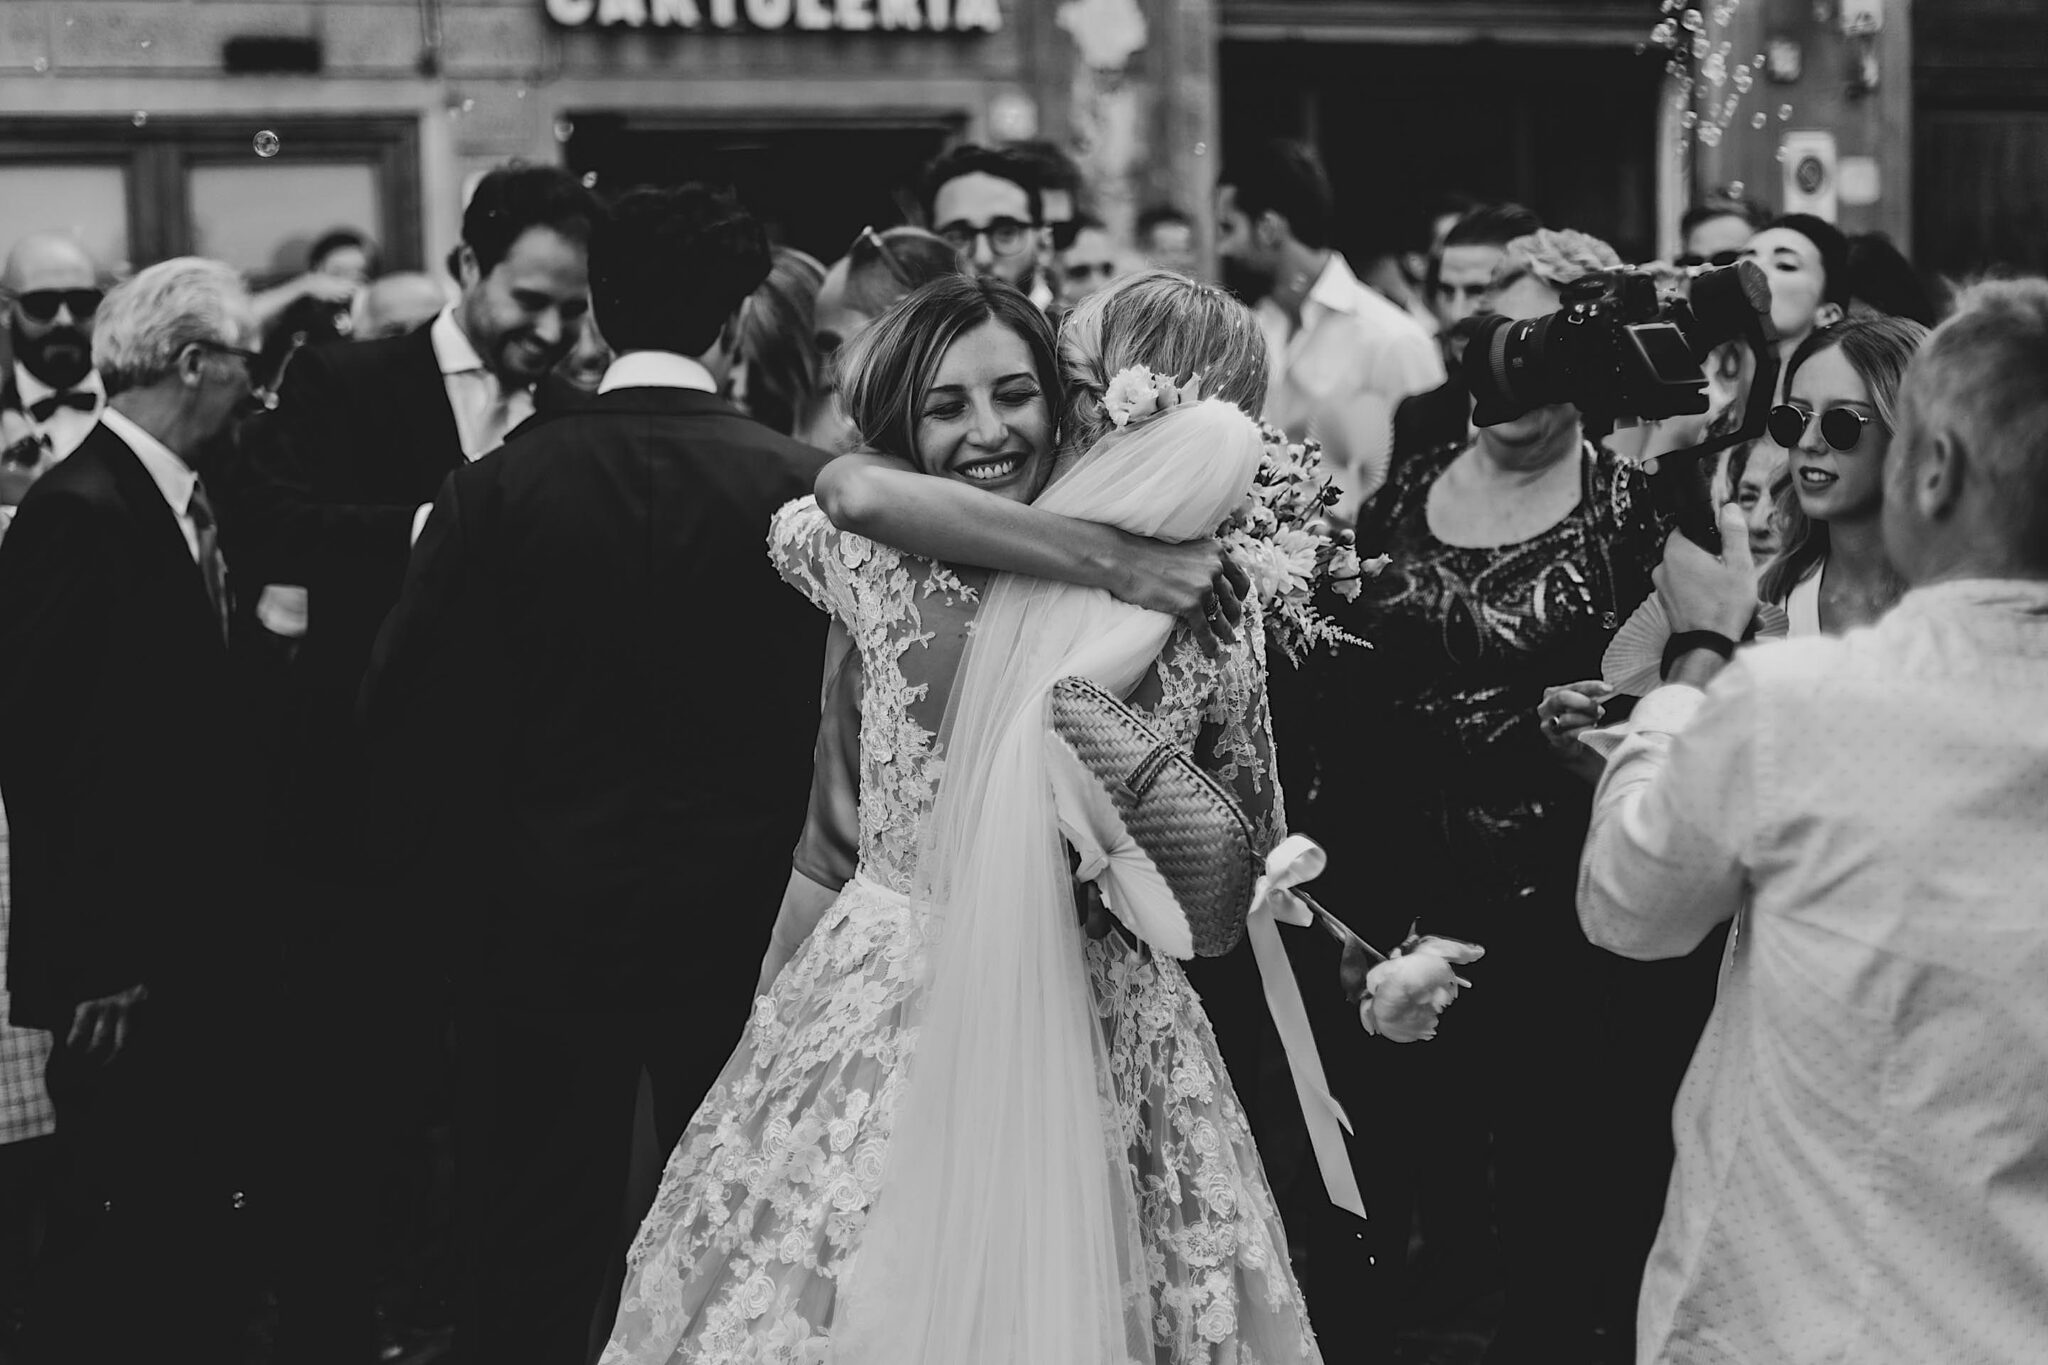 gli sposi salutano gli invitati alla chiesa di San Niccolò Sopr'Arno a Firenze